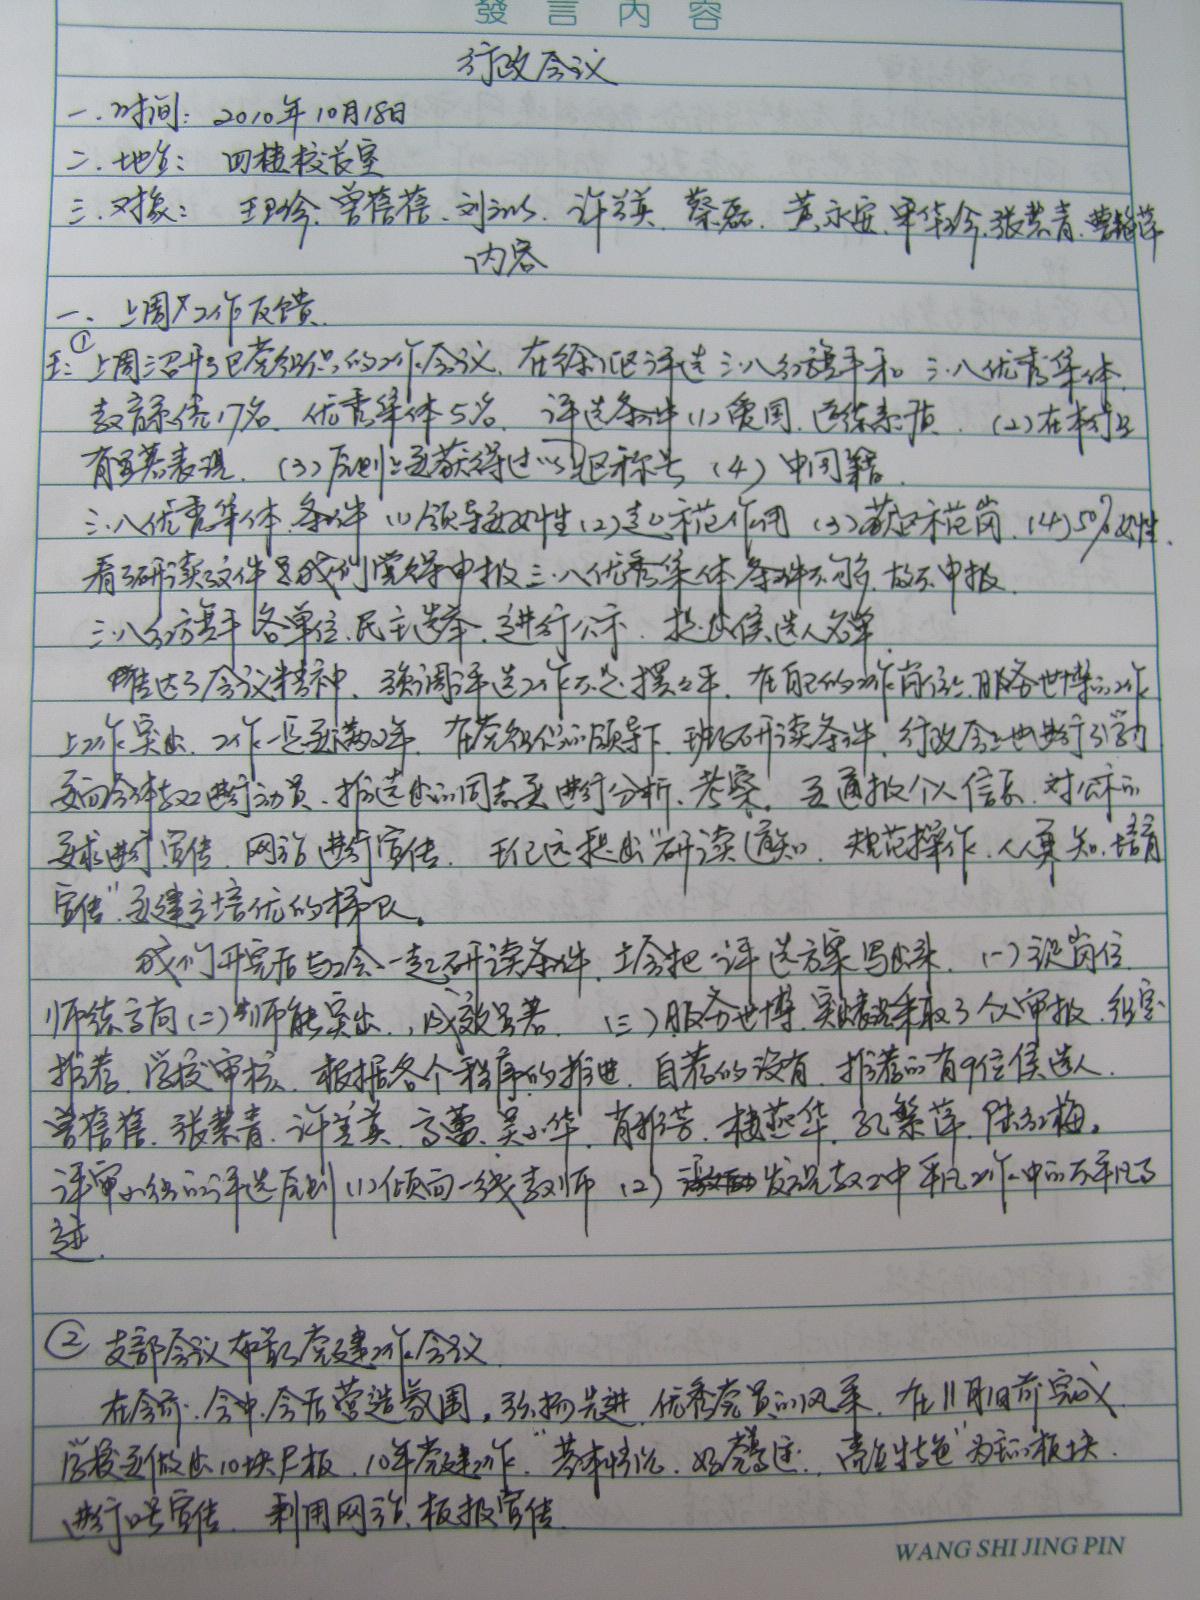 会议记录格式范文_会议记录范文_会议记录格式_会议记录模板_淘宝学堂